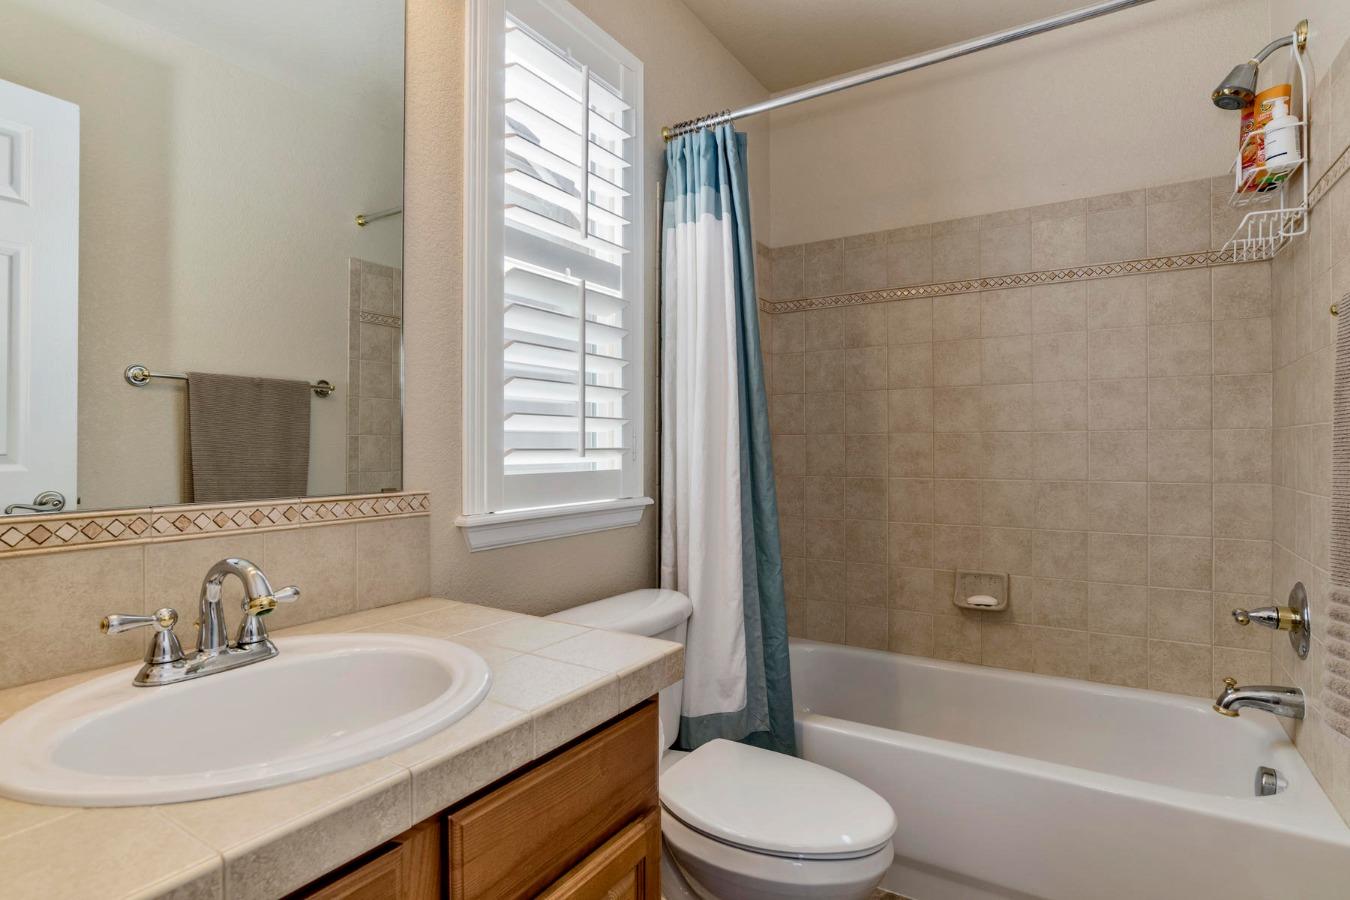 En-suite Full Bath in Bedroom #2 is Tiled